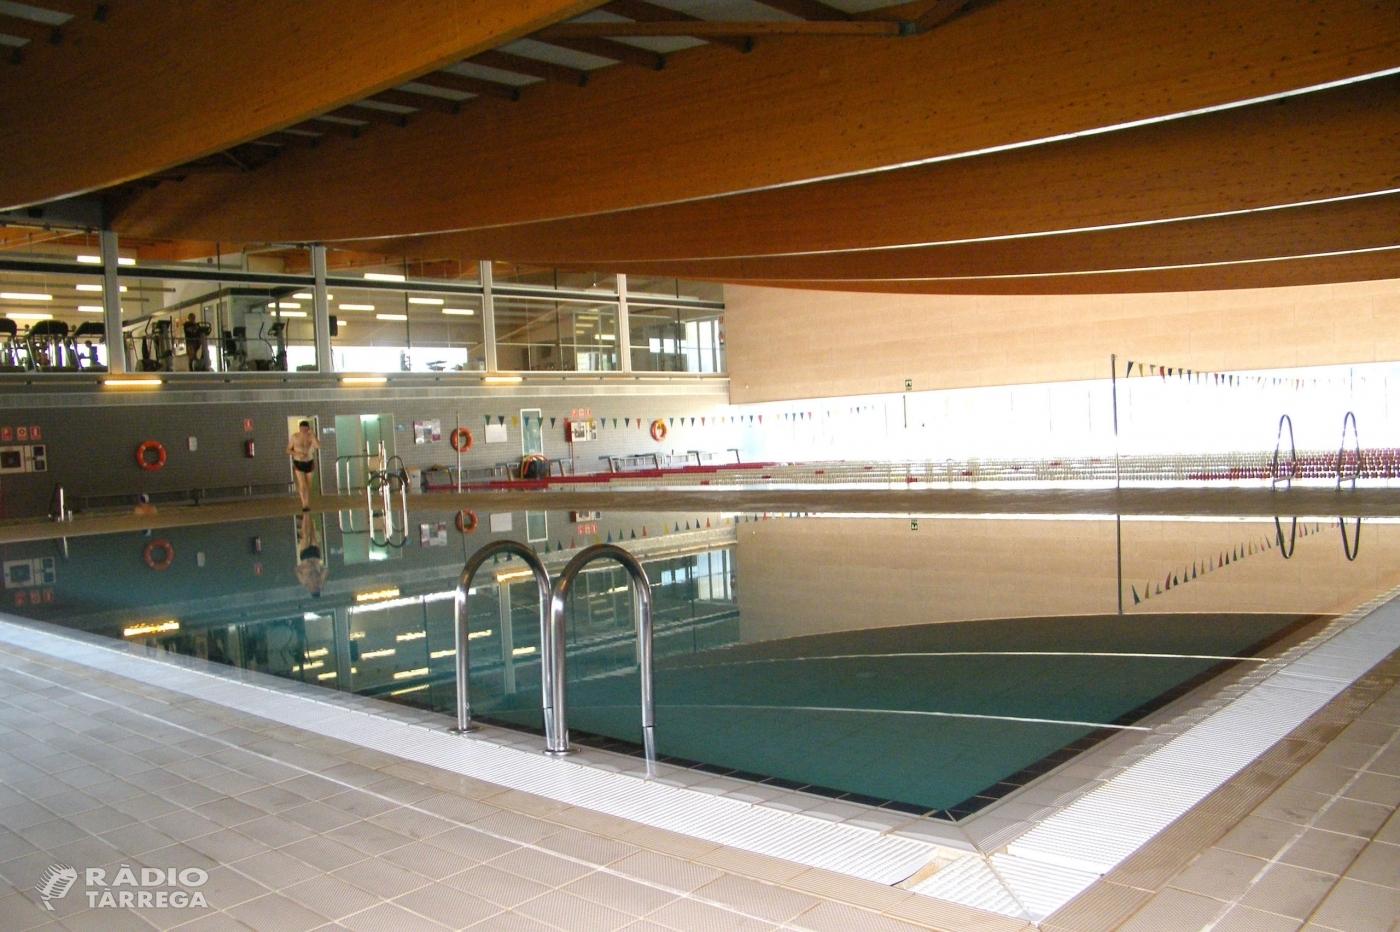 COMUNICAT AJUNTAMENT DE TÀRREGA. El tancament provisional de la piscina coberta: una qüestió de salut pública